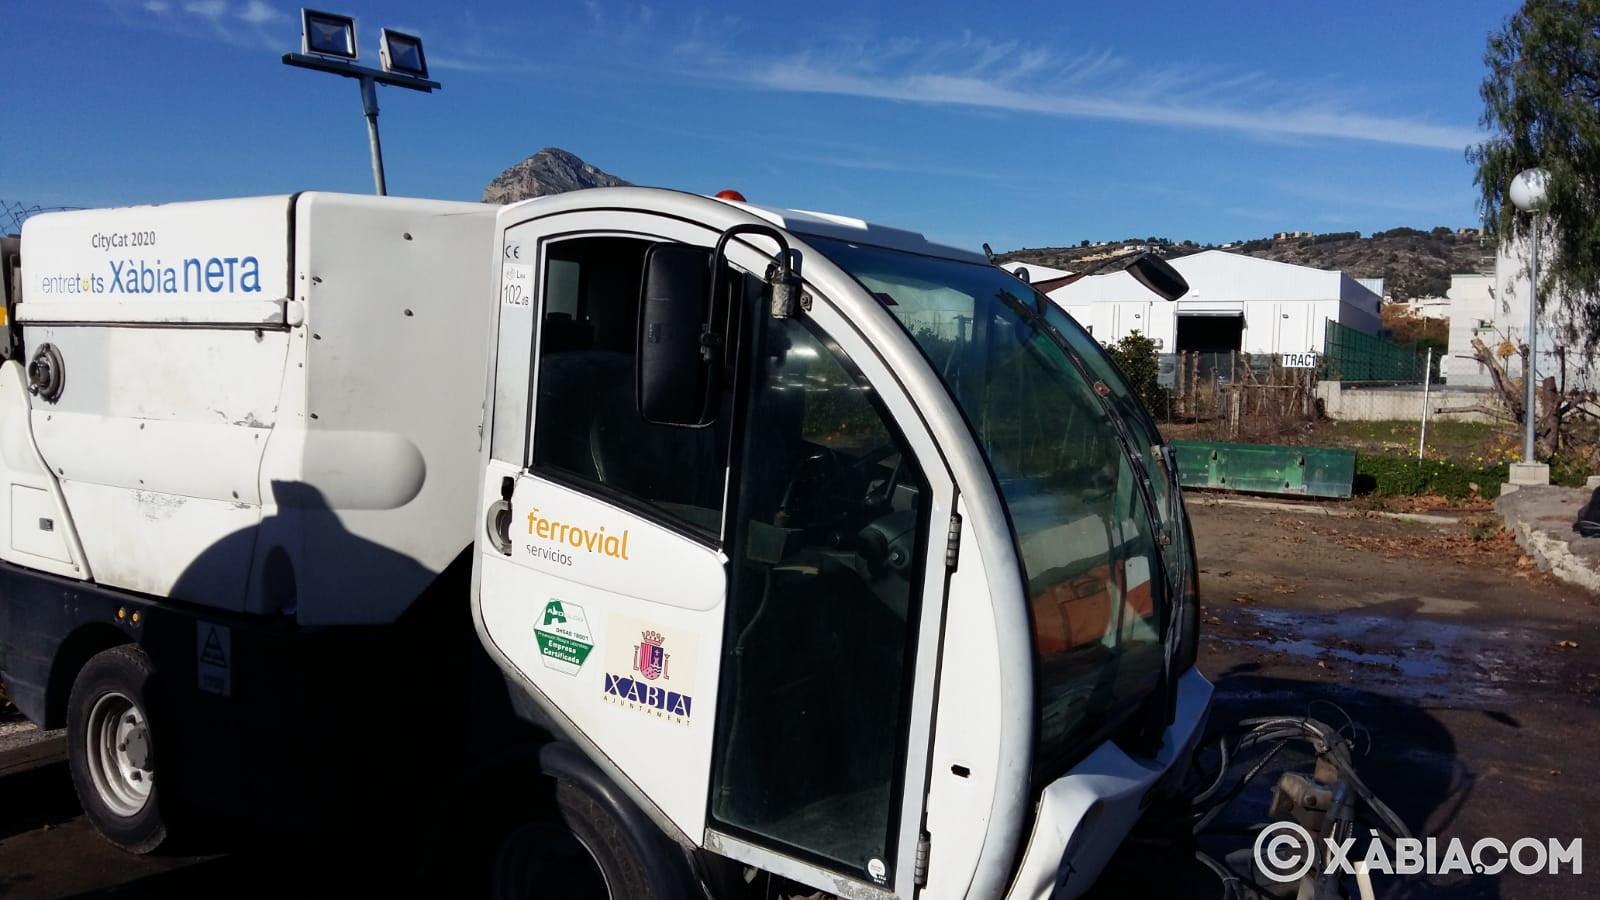 Vehículo de limpieza Xàbia